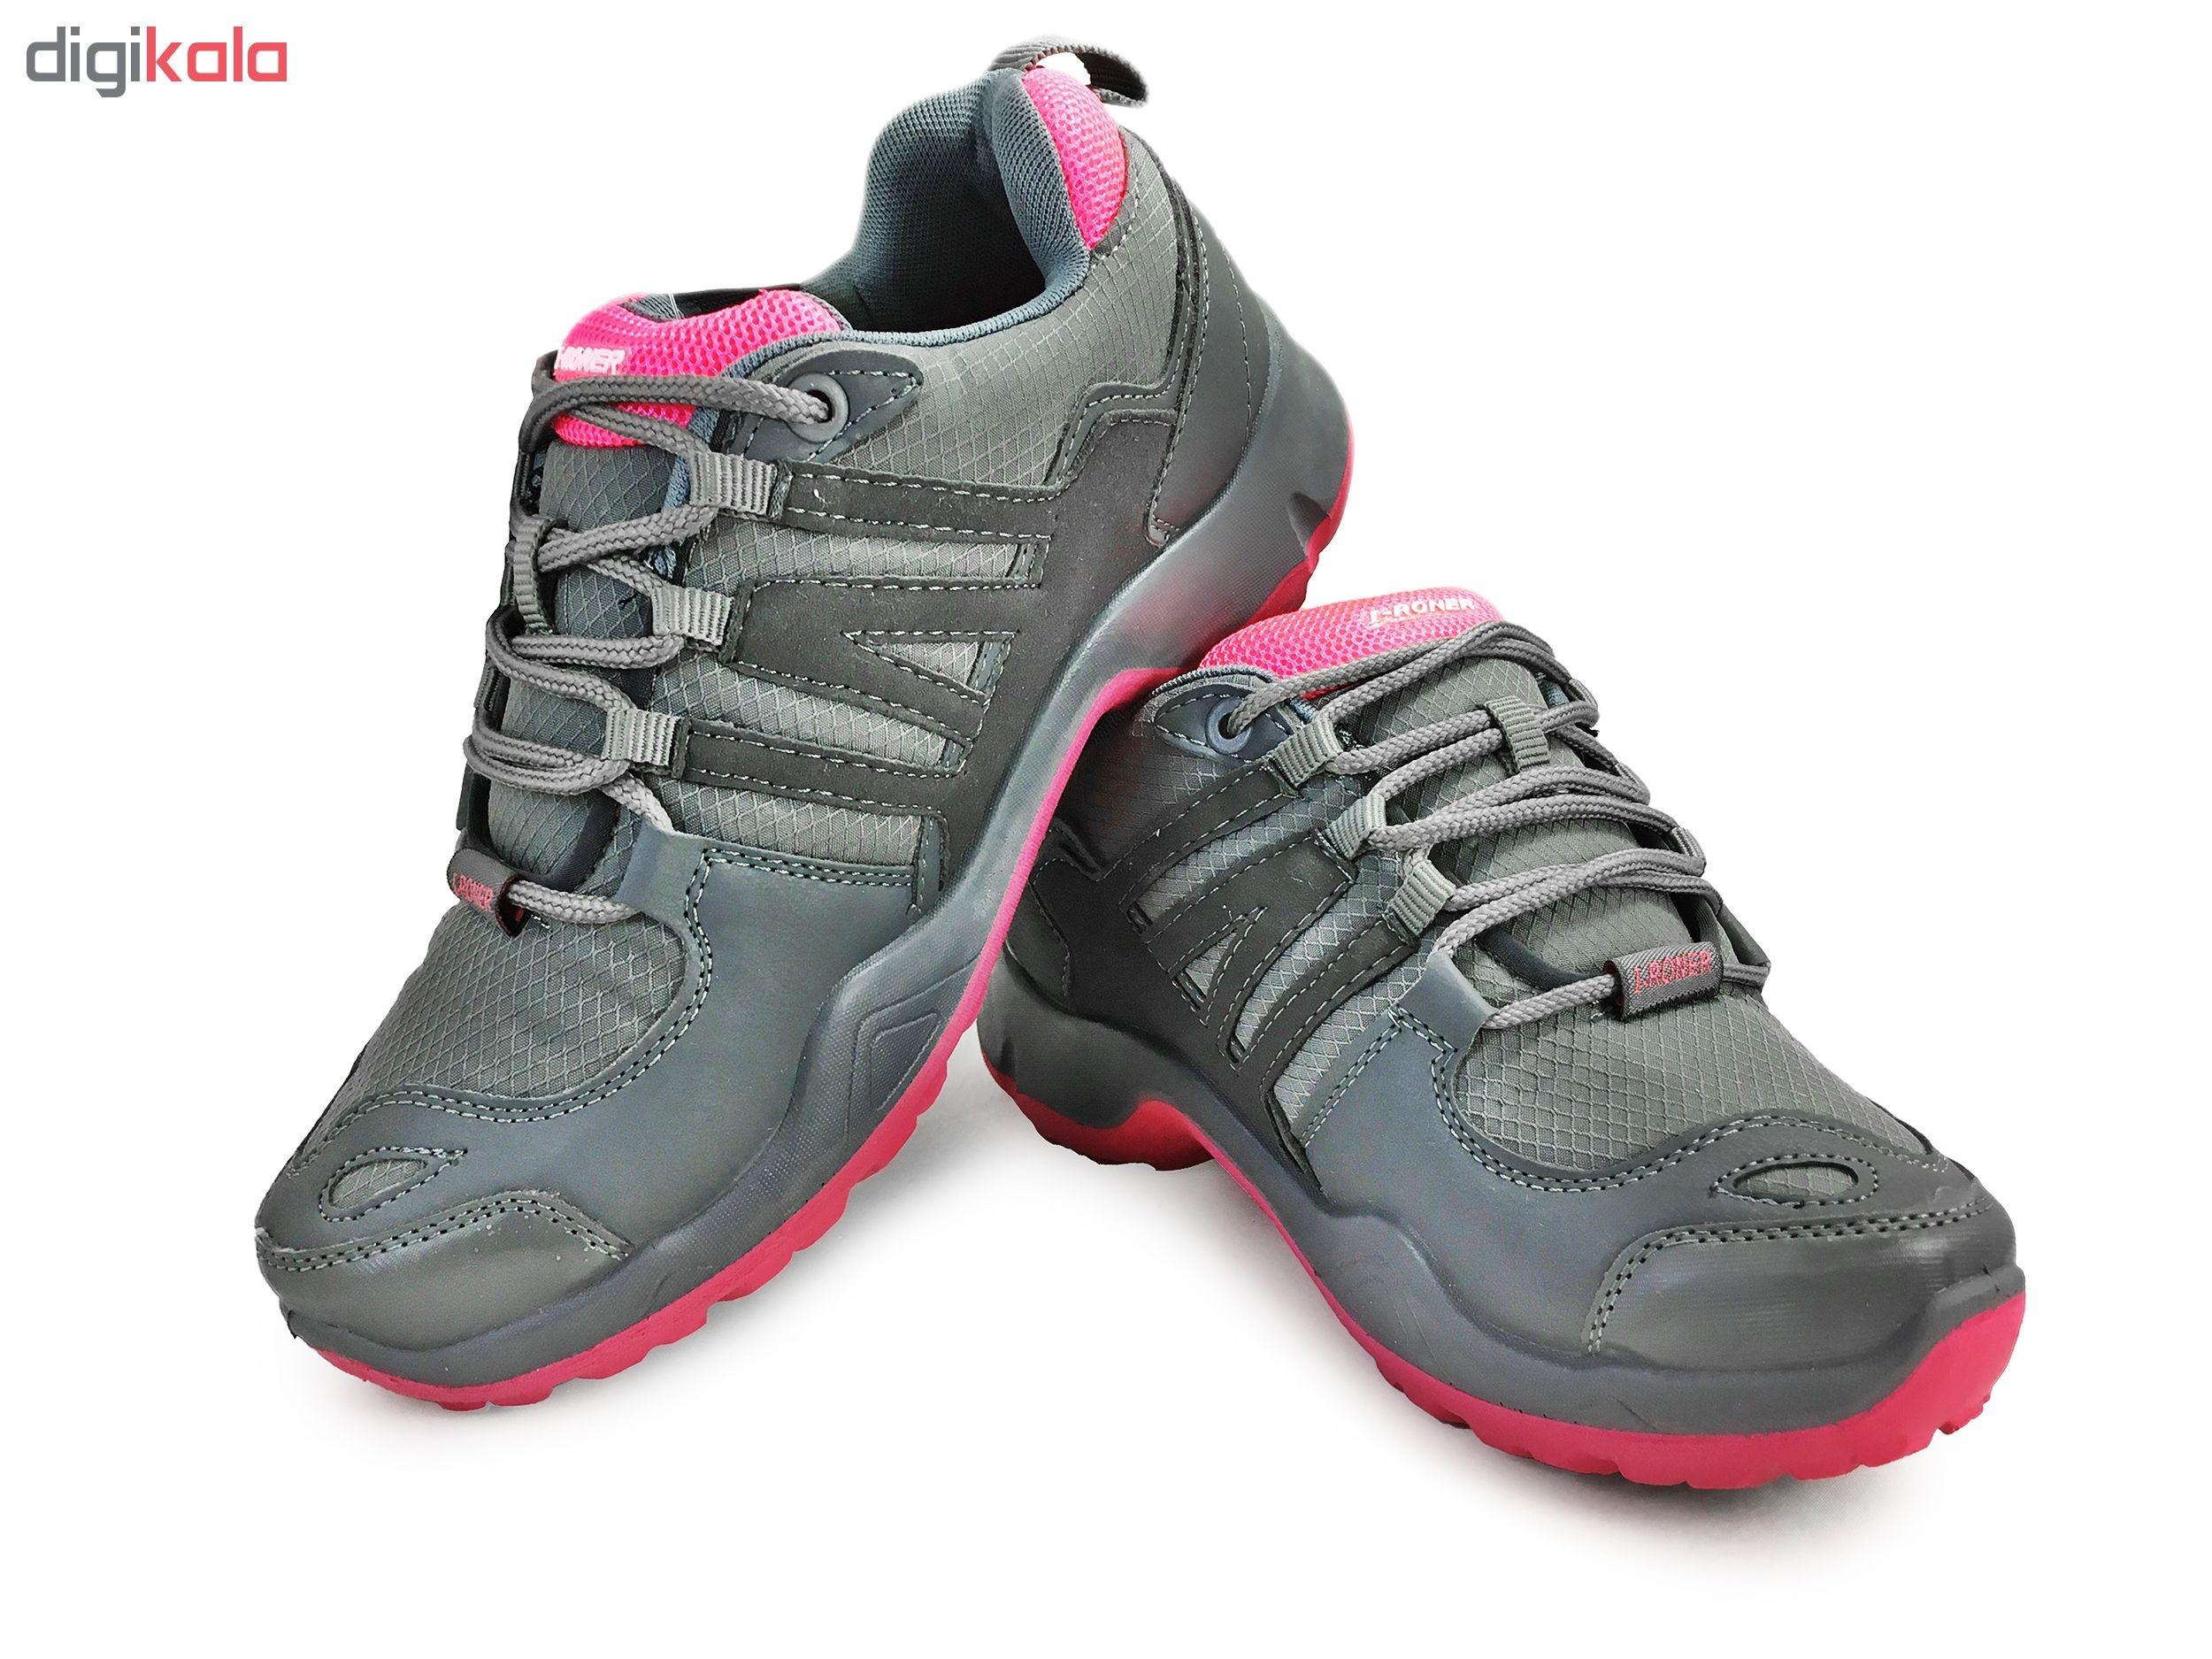 کفش مخصوص پیاده روی نه گام ایران مدل رانر کد SJ158